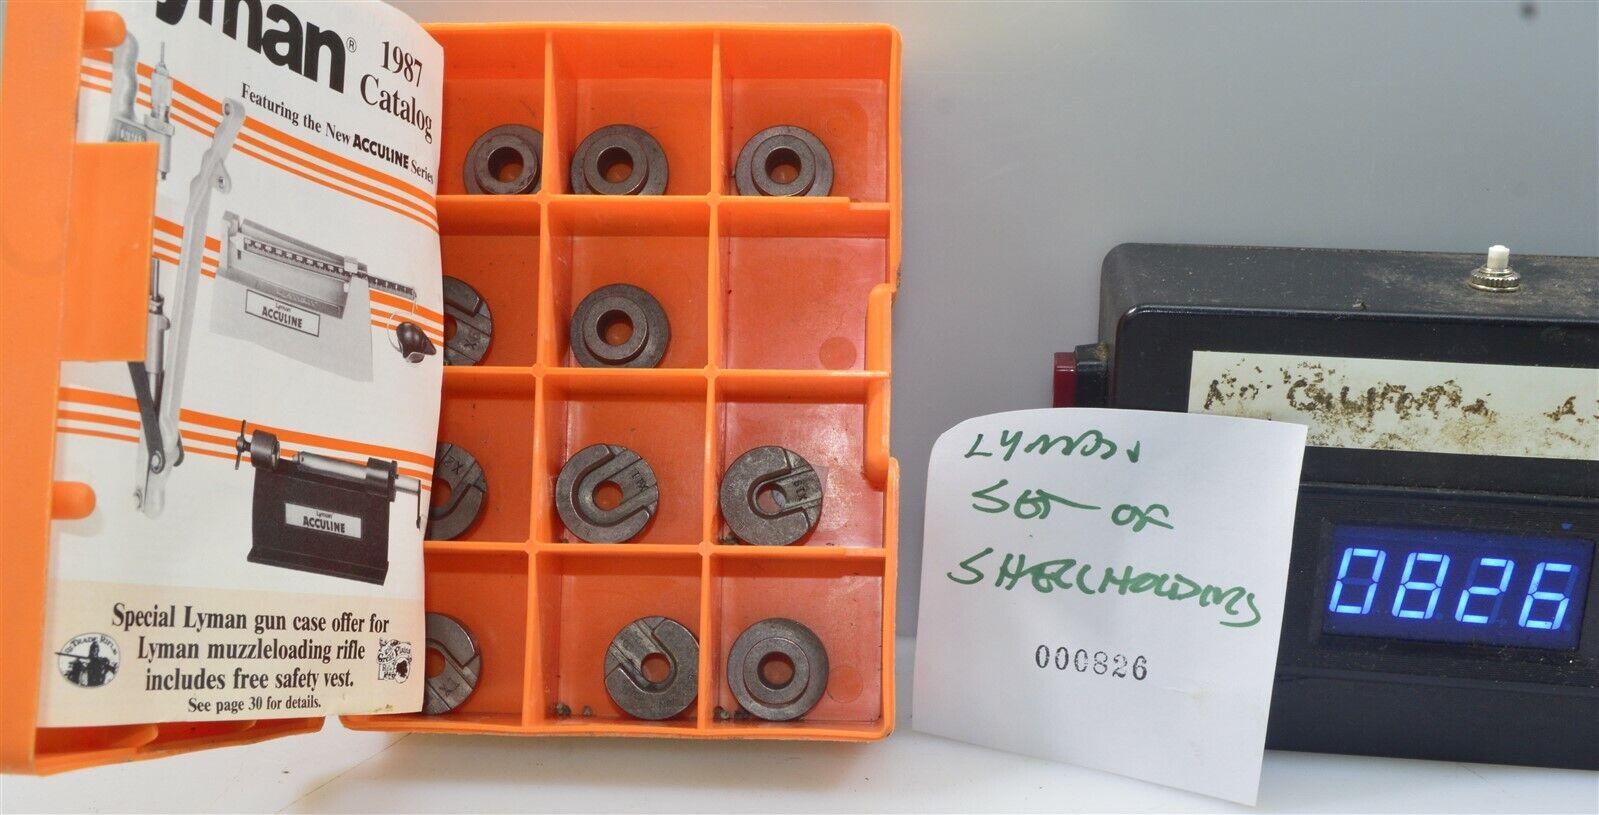 0826 Lot Of 11 Lyman Set Of Shellholders In Box - $26.00